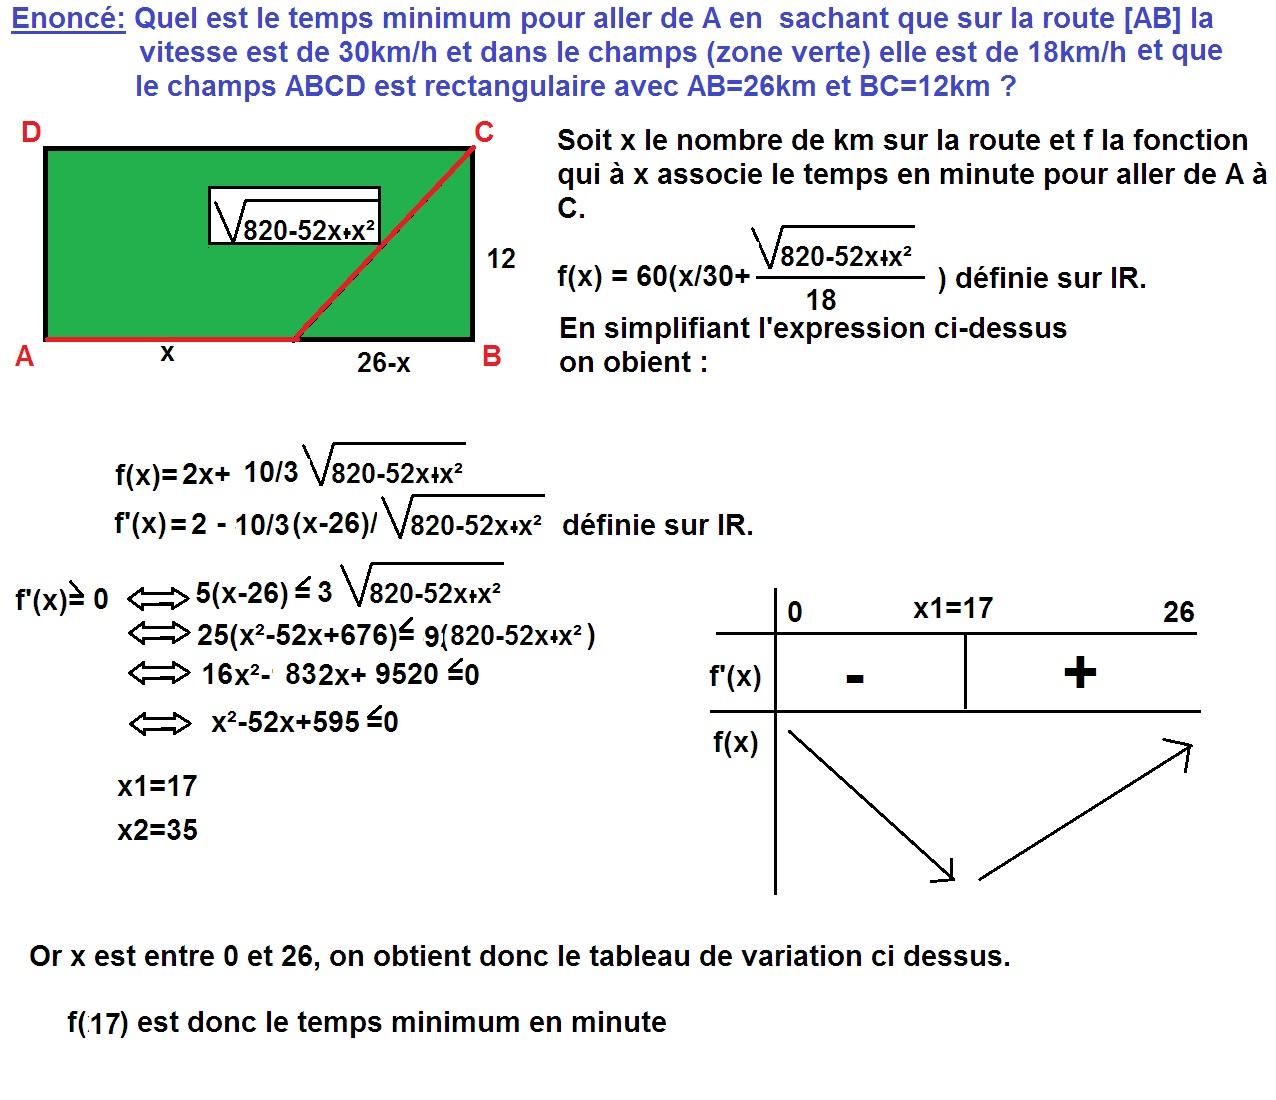 http://www.prise2tete.fr/upload/gilles355-champs.jpg